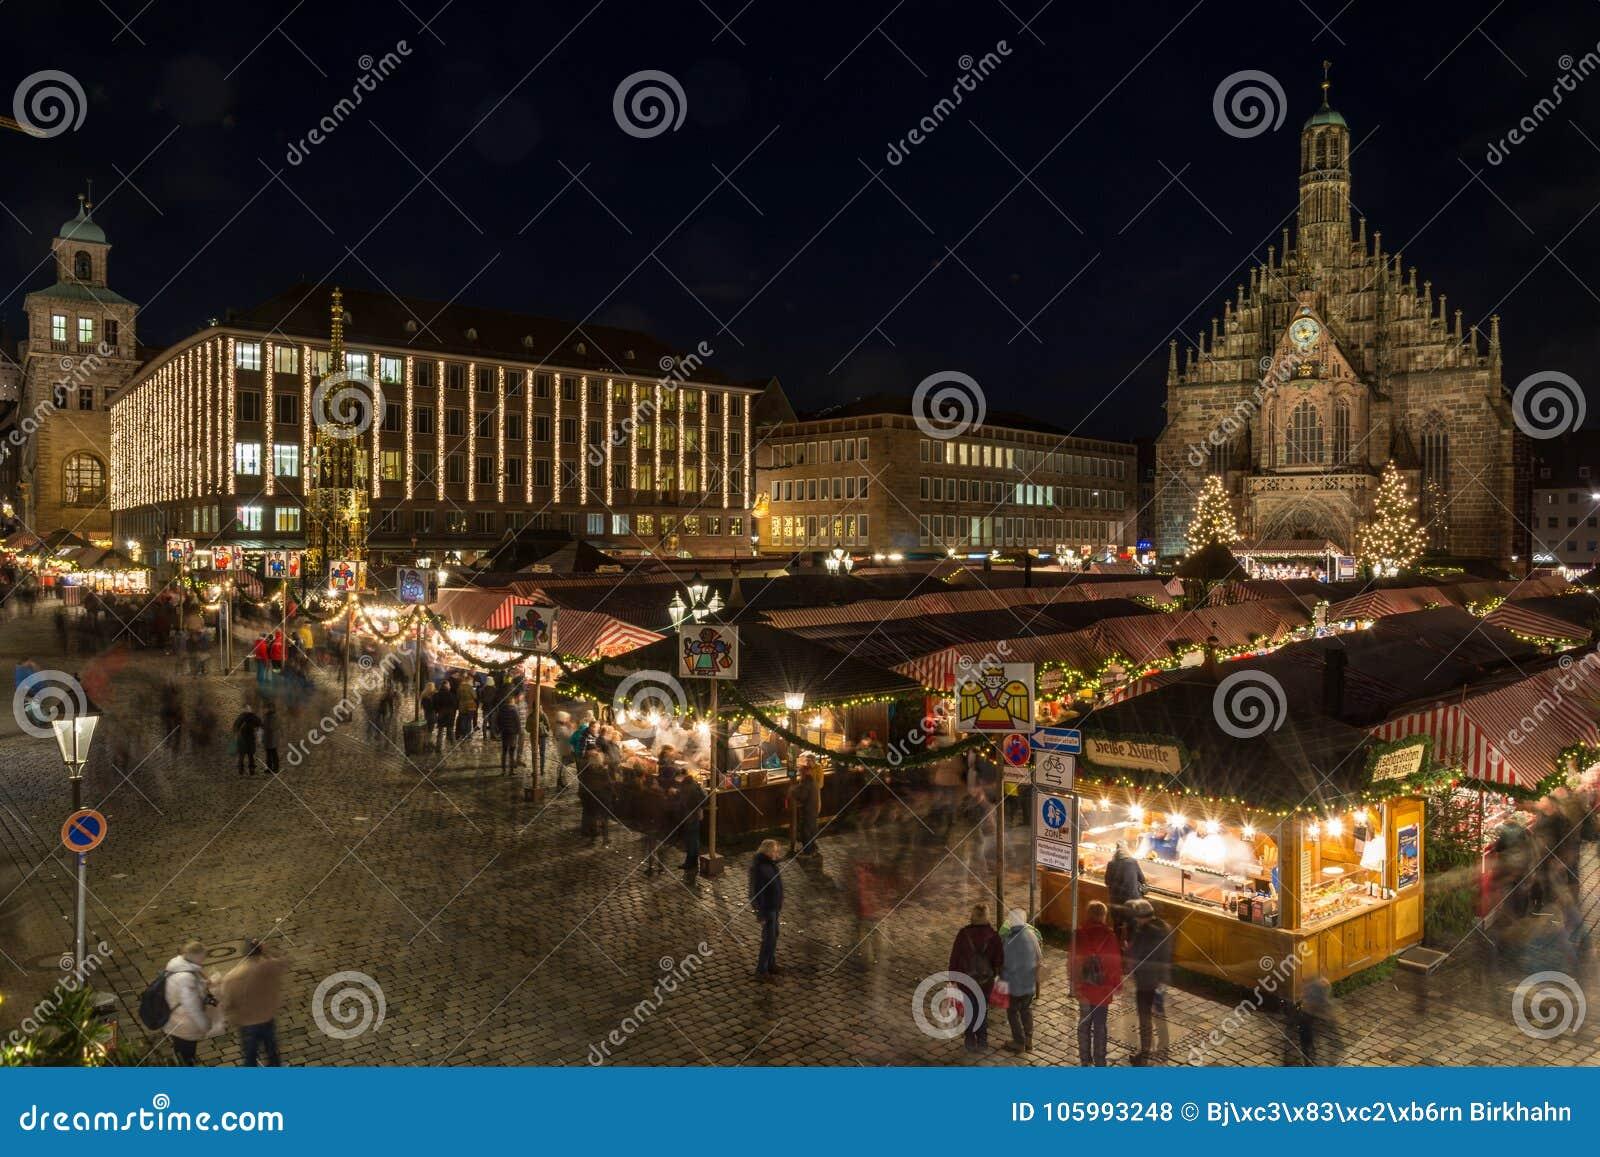 Weihnachtsmarkt Nürnberg.Weihnachtsmarkt In Nürnberg Nachts Redaktionelles Stockfoto Bild